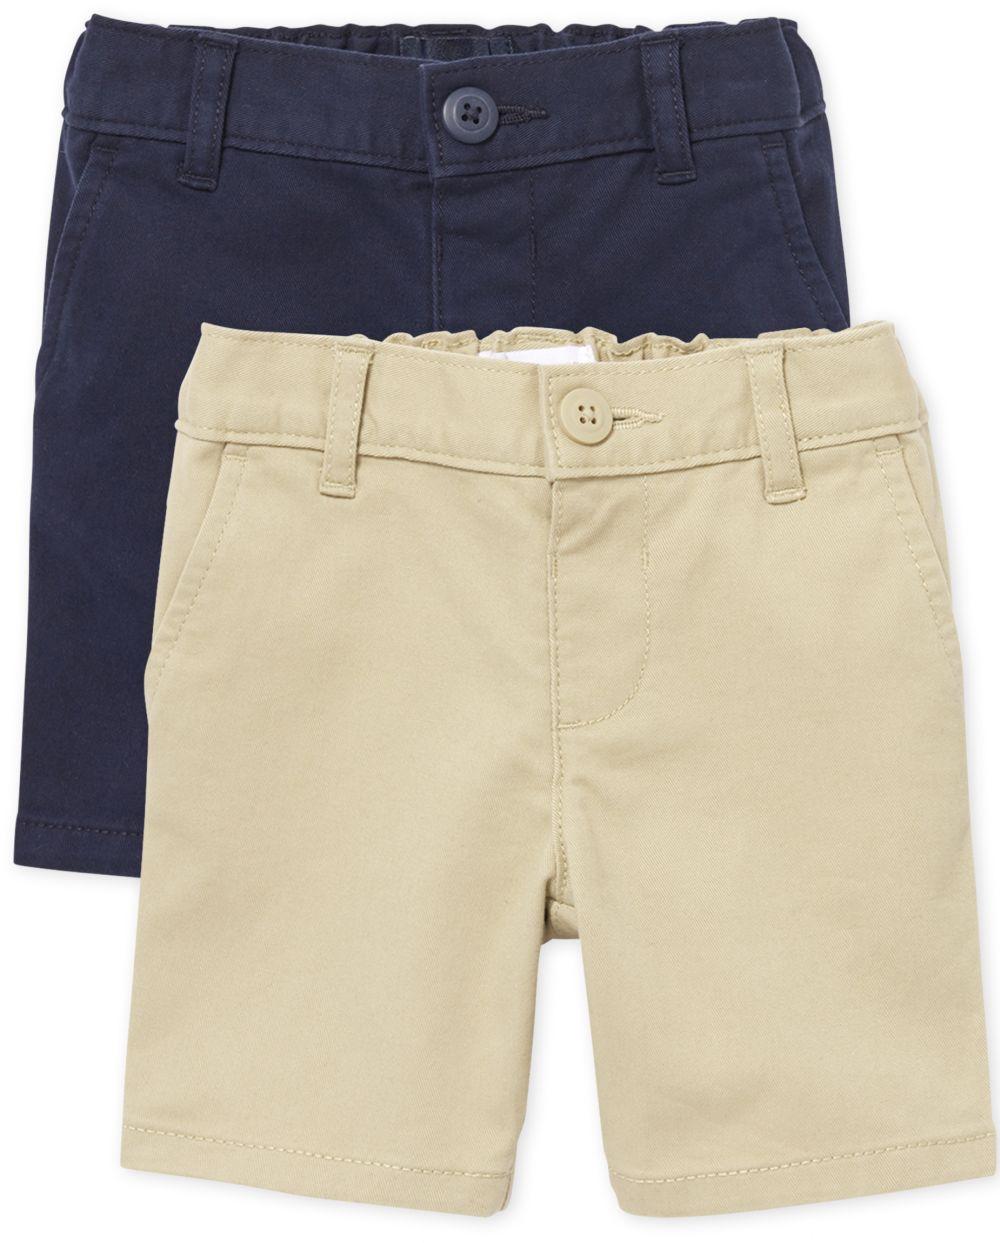 Pantalón chino de uniforme para niñas pequeñas, paquete de 2